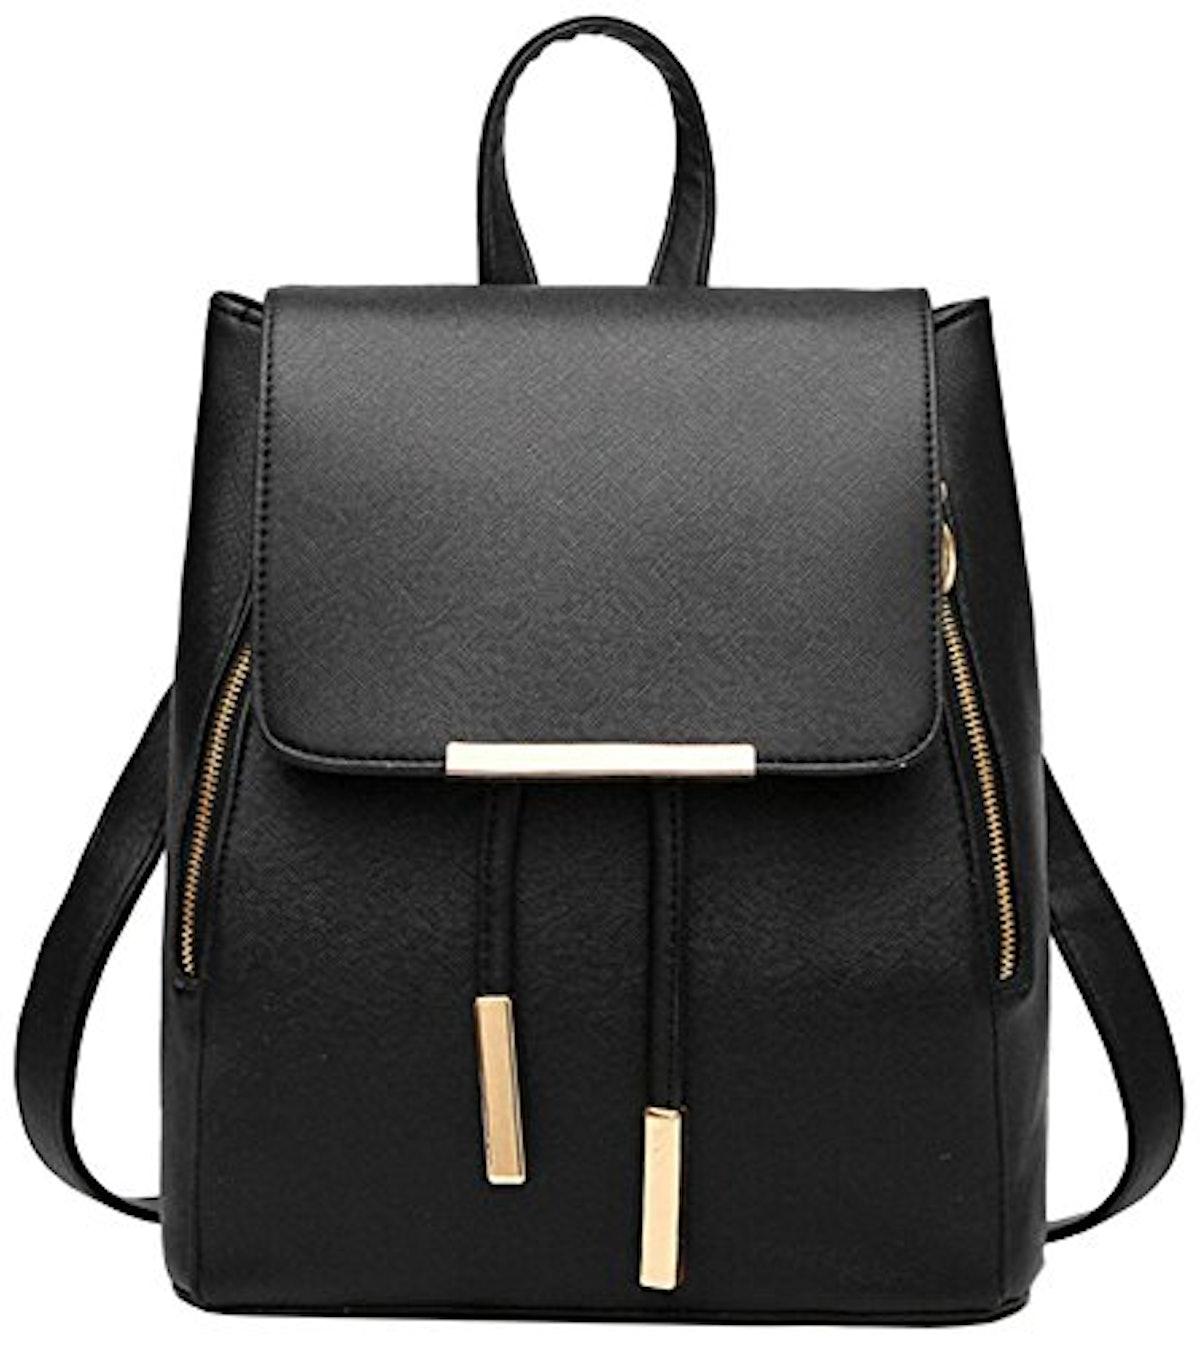 WINK KANGAROO Leather Backpack